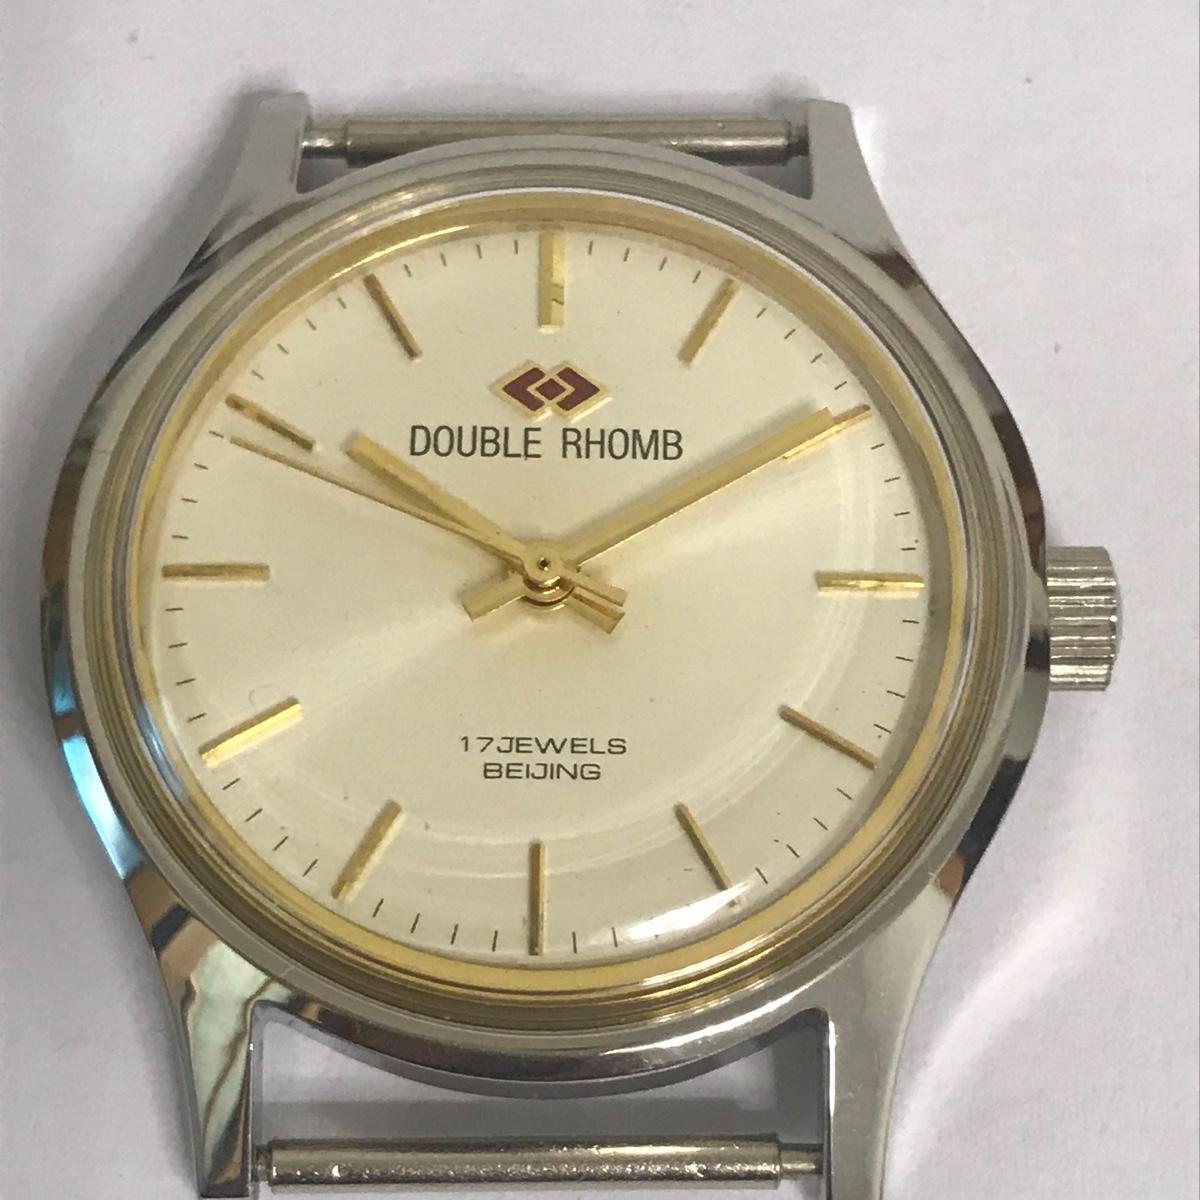 北京产双菱手表手动上弦机械手表老旧款式复古董收藏品质正库存原